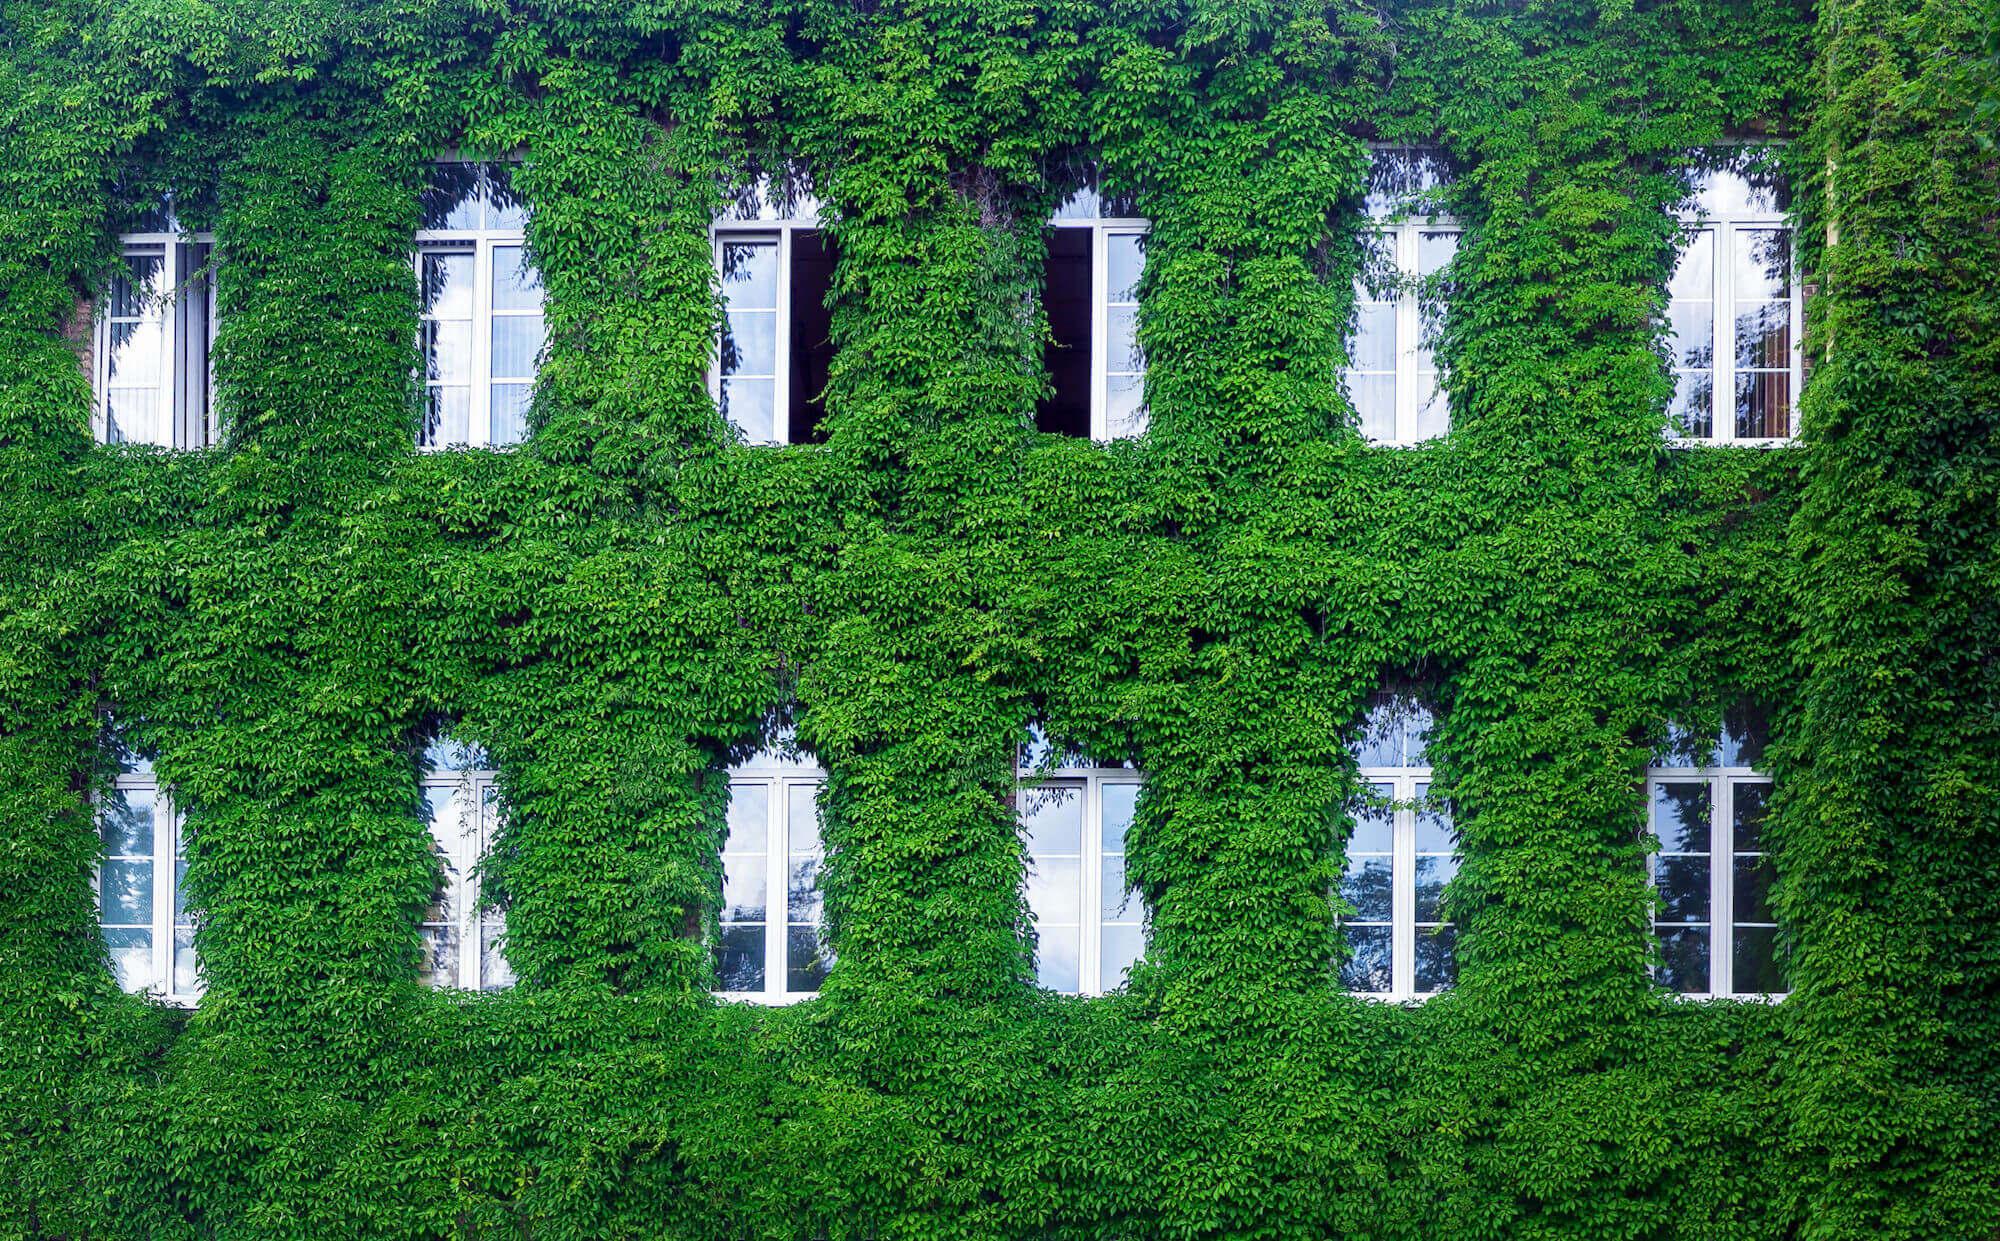 Eine Maßnahme von vielen: Fassadenbegrünungen können zu einem angenehmeren Mikroklima beitragen.